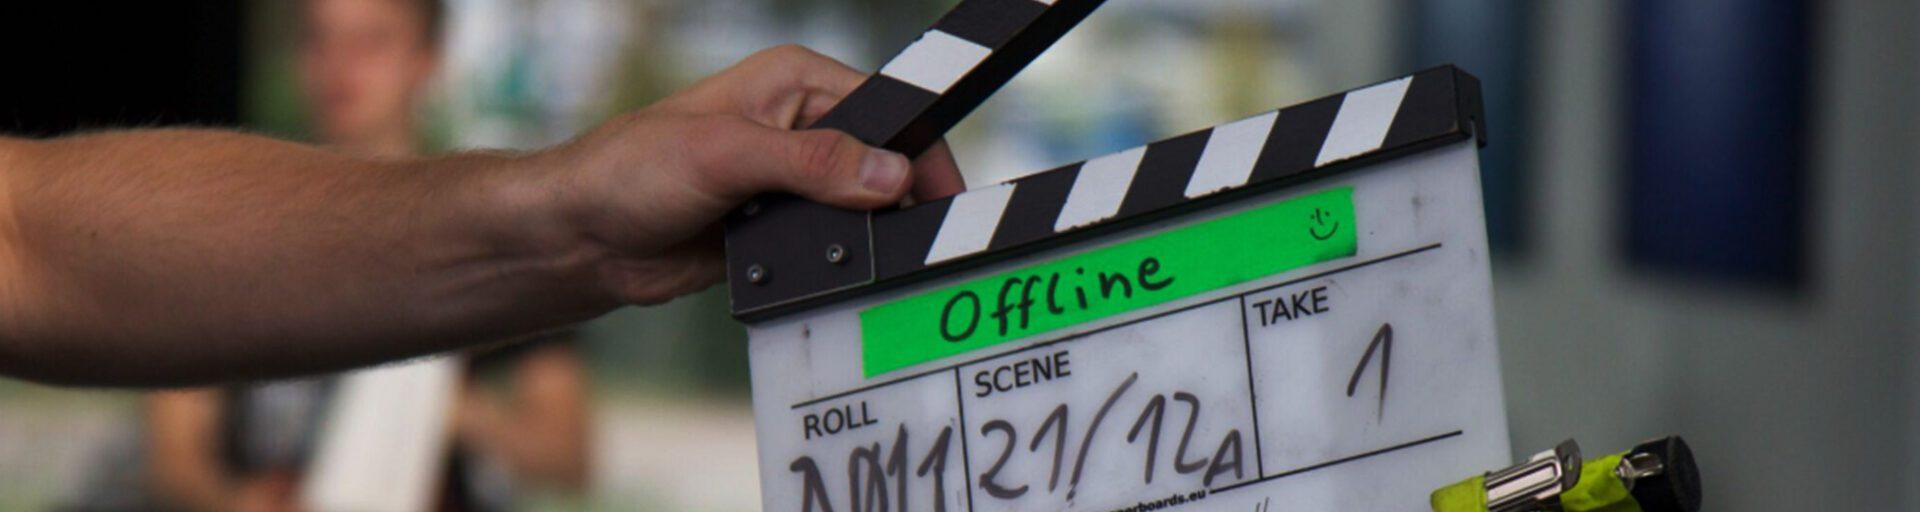 Offline-BACK2